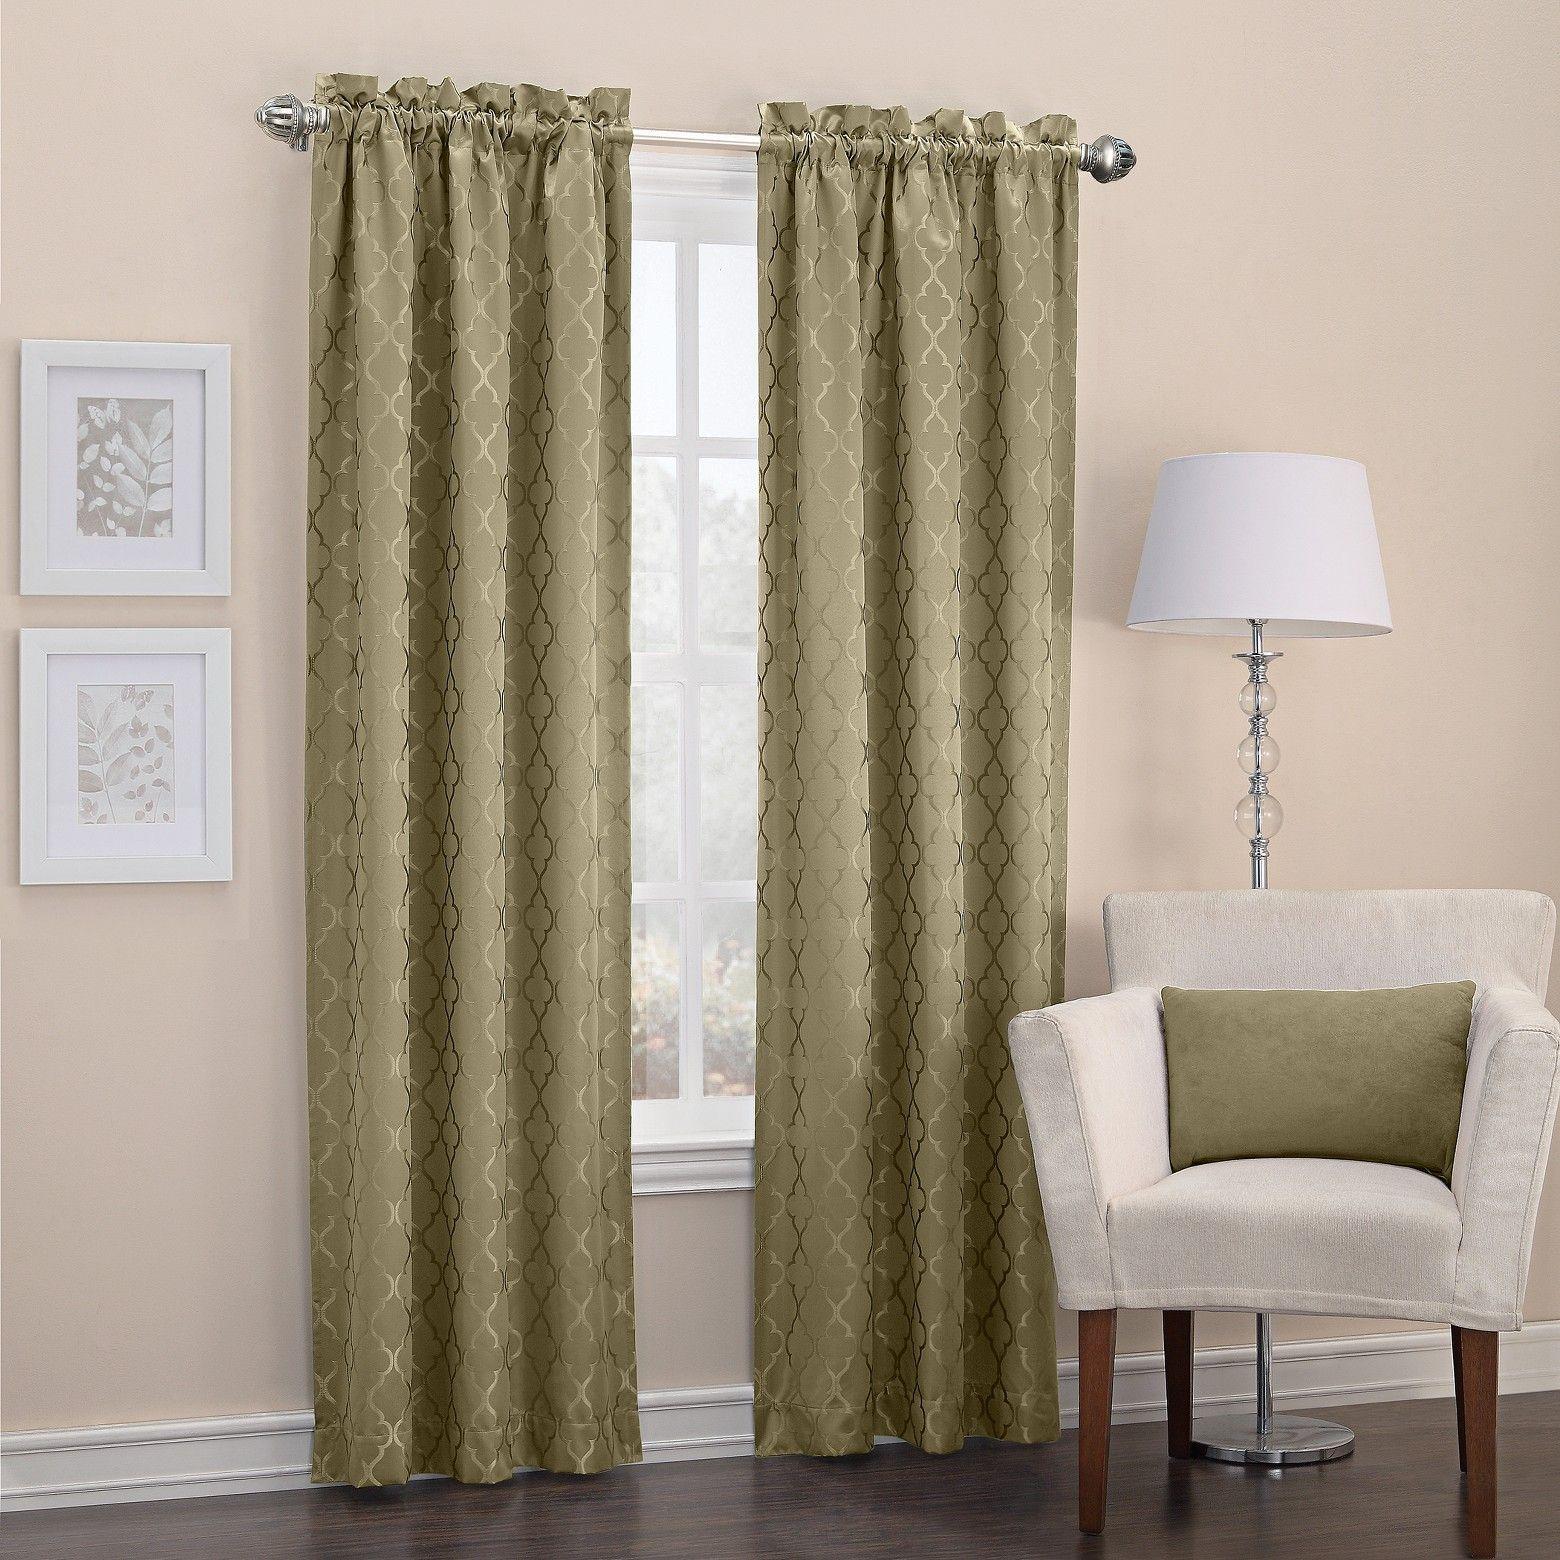 Sun Zero Viviana Woven Trellis Thermal Insulated Rod Pocket Curtain Panel Target